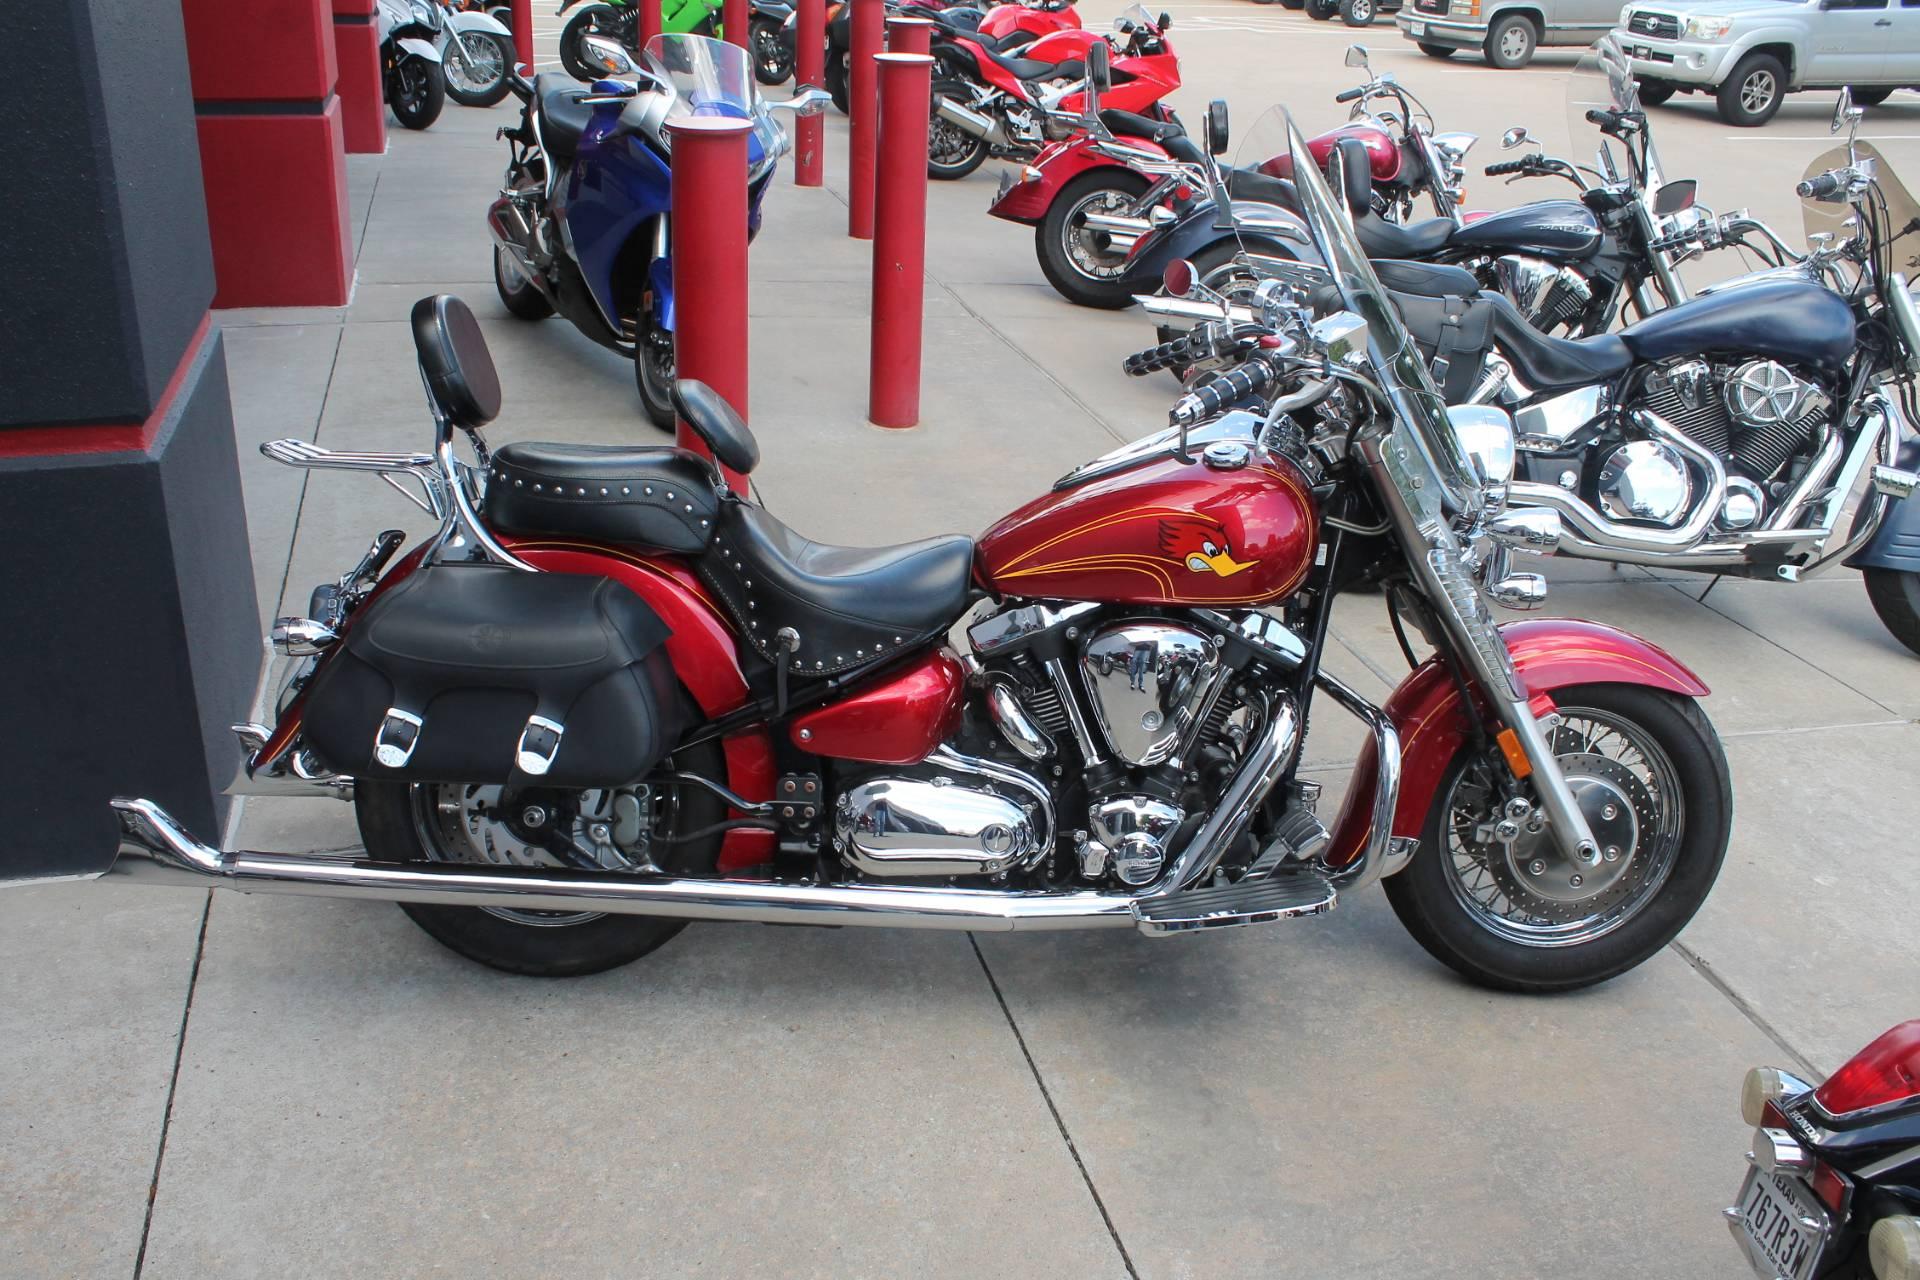 2009 Yamaha Roadstar for sale 12612